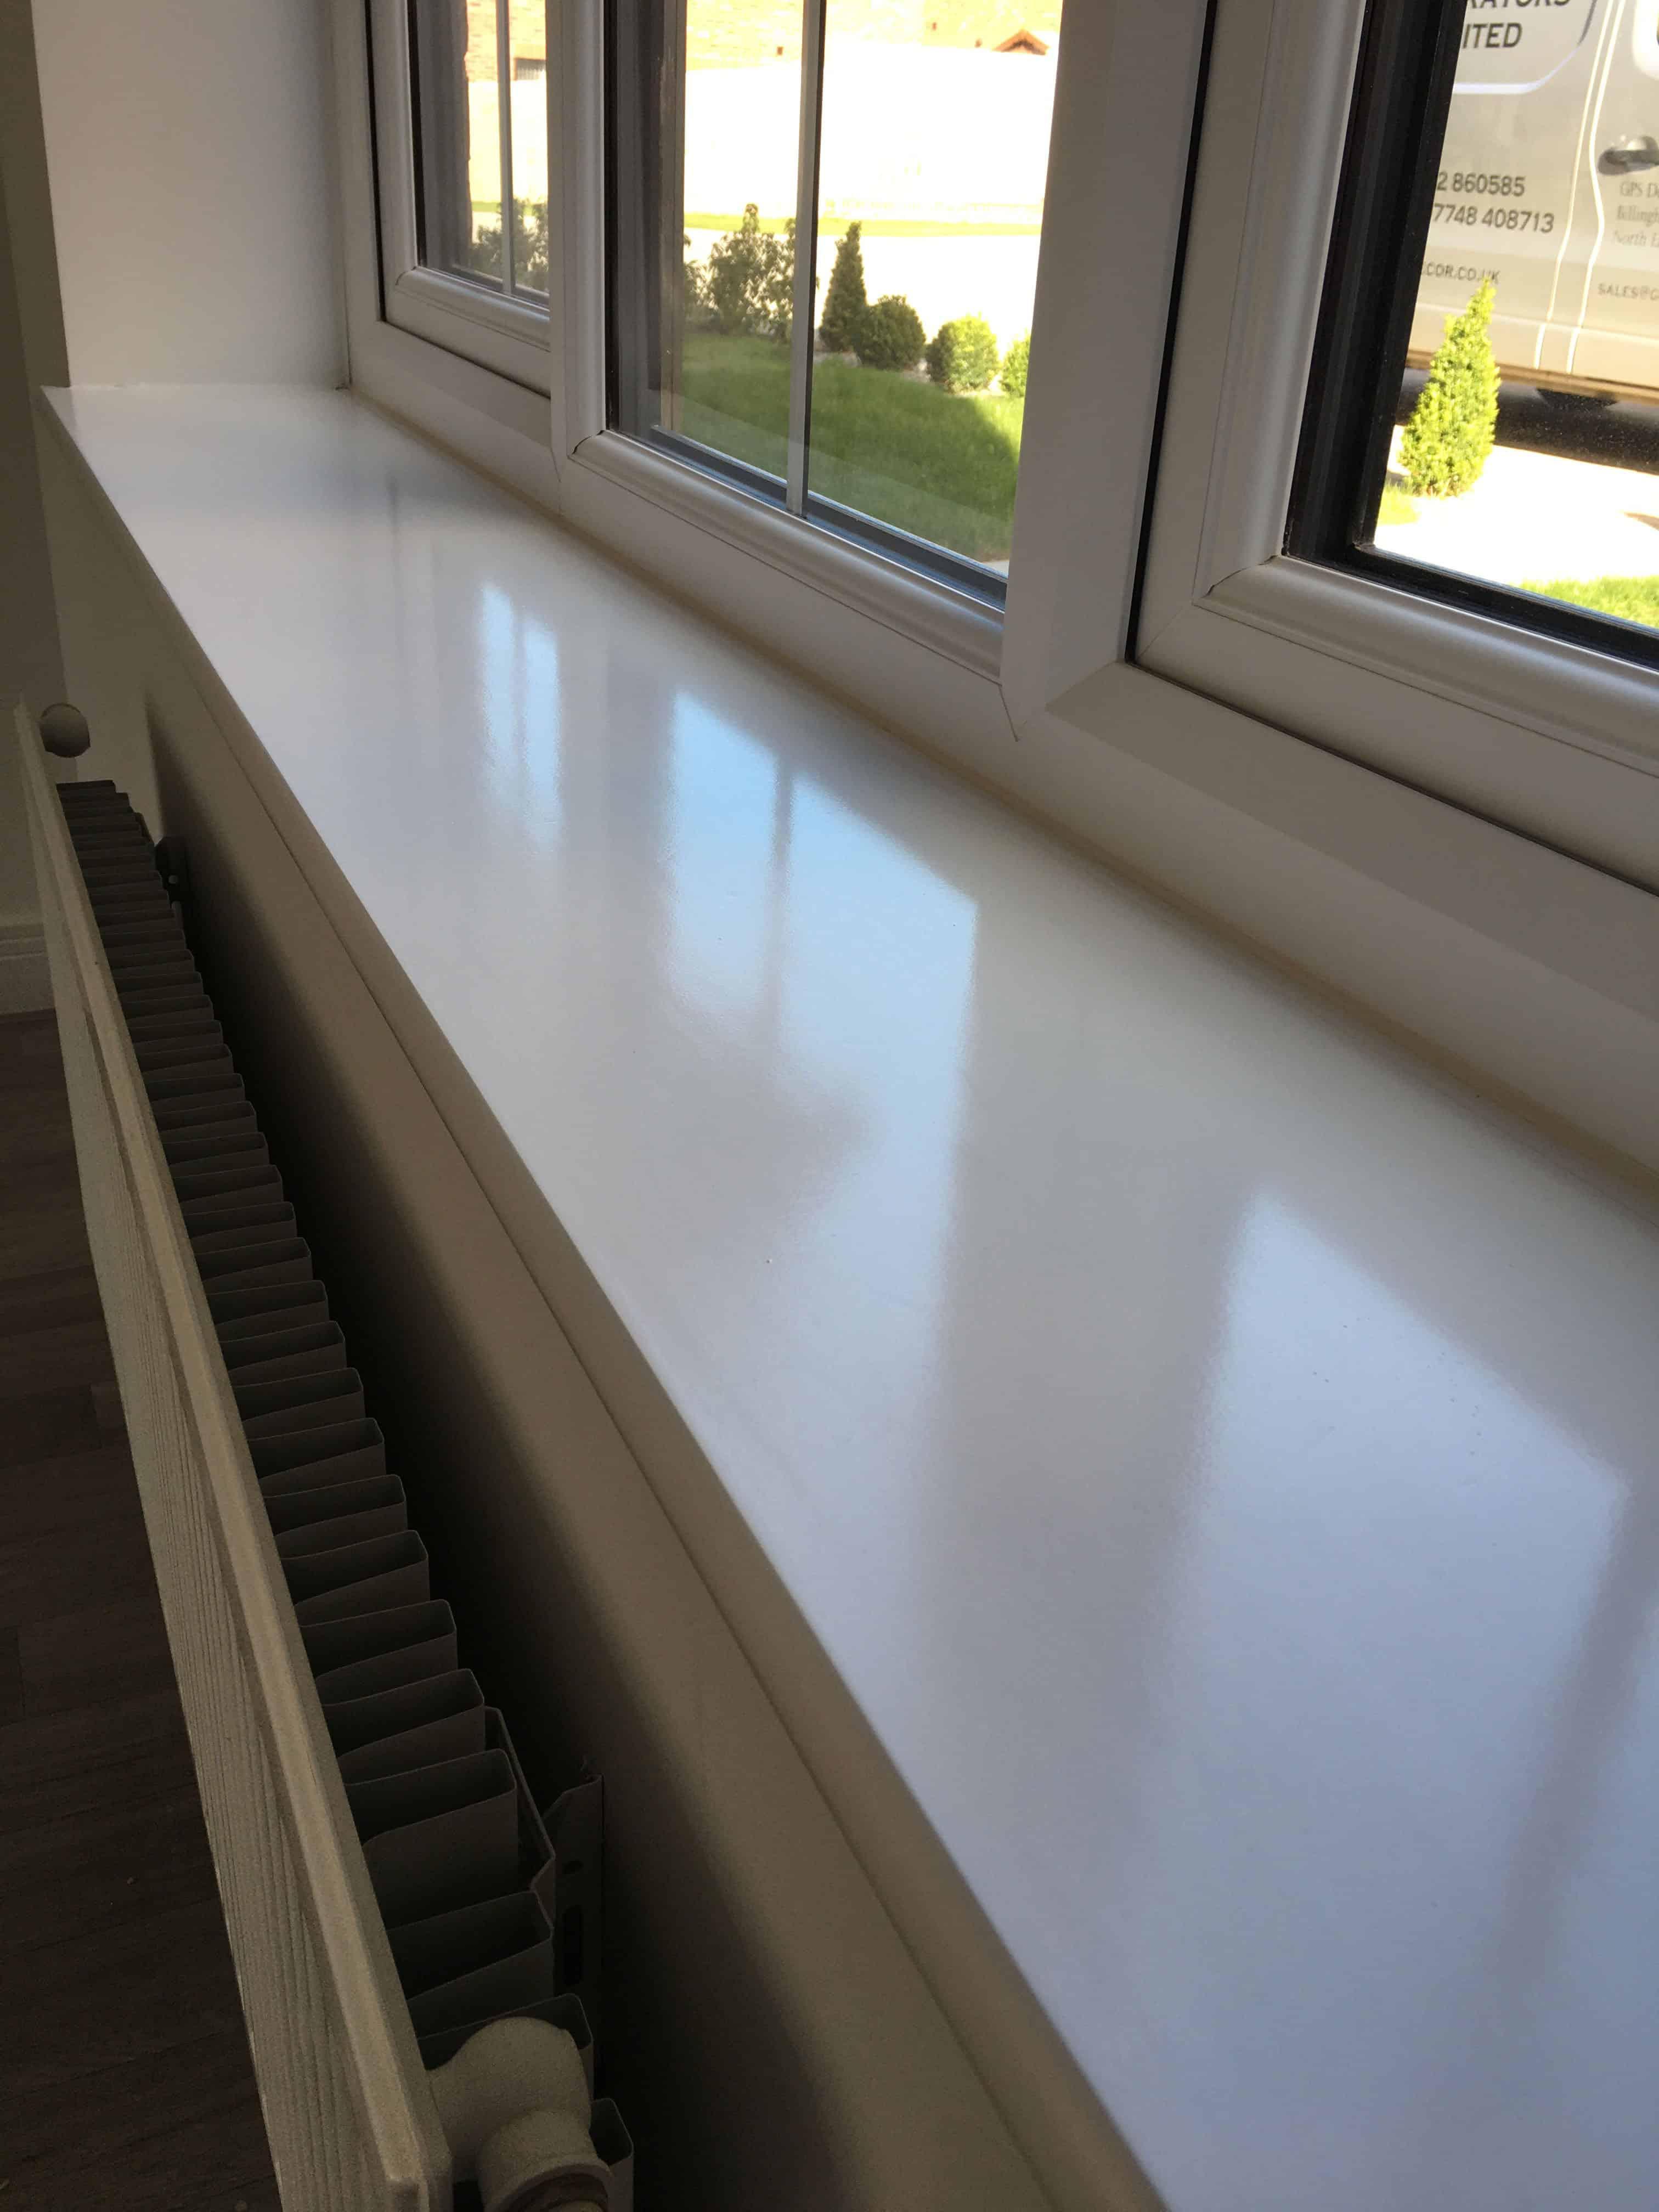 Spray painted white window sill Wynyard